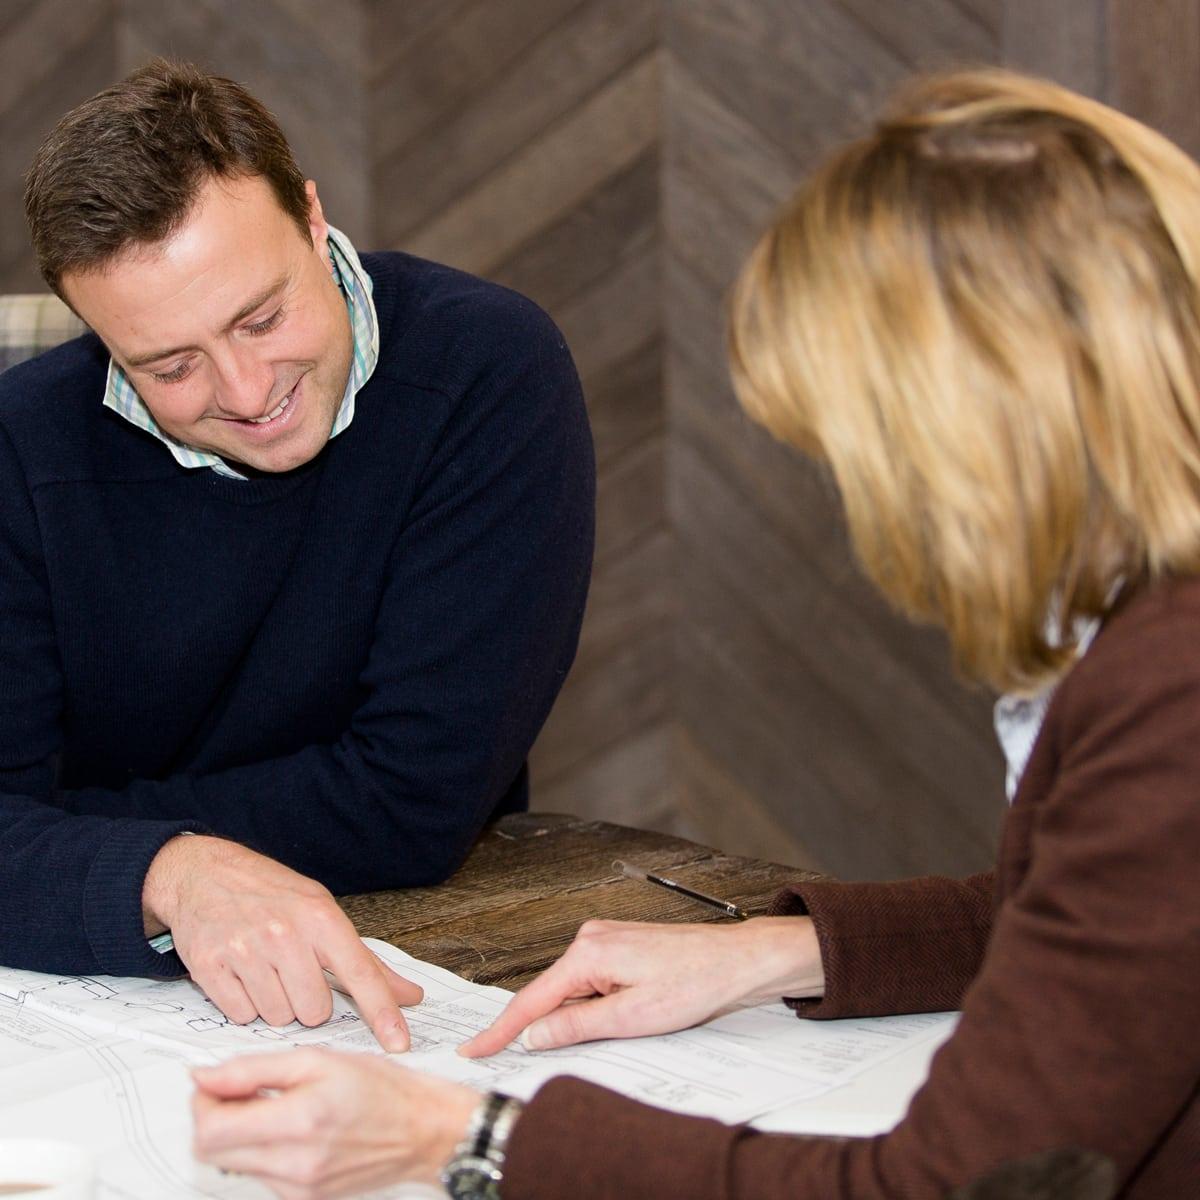 showroom consultation